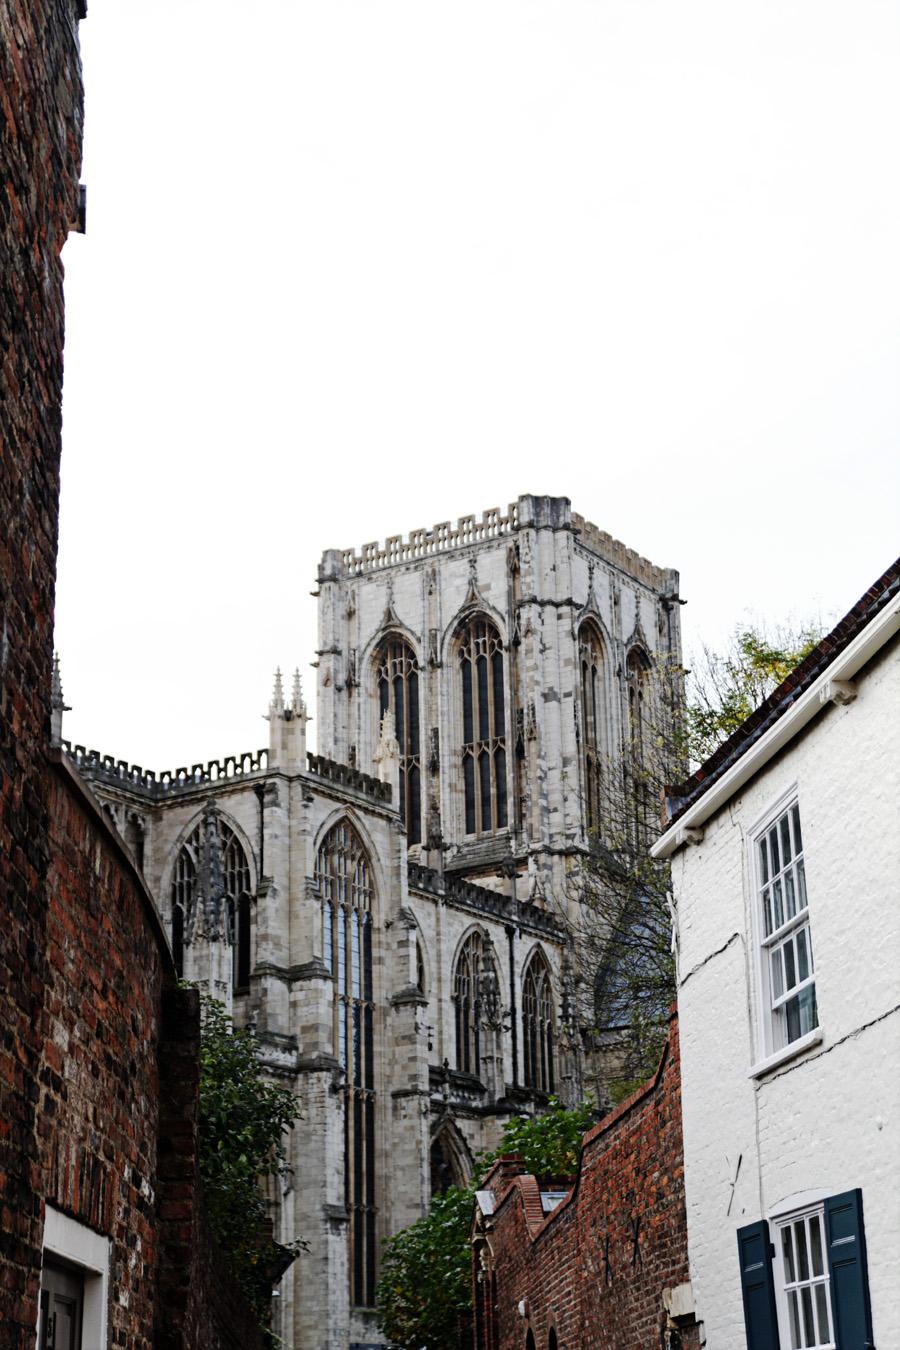 Catedral vista das ruas medievais.